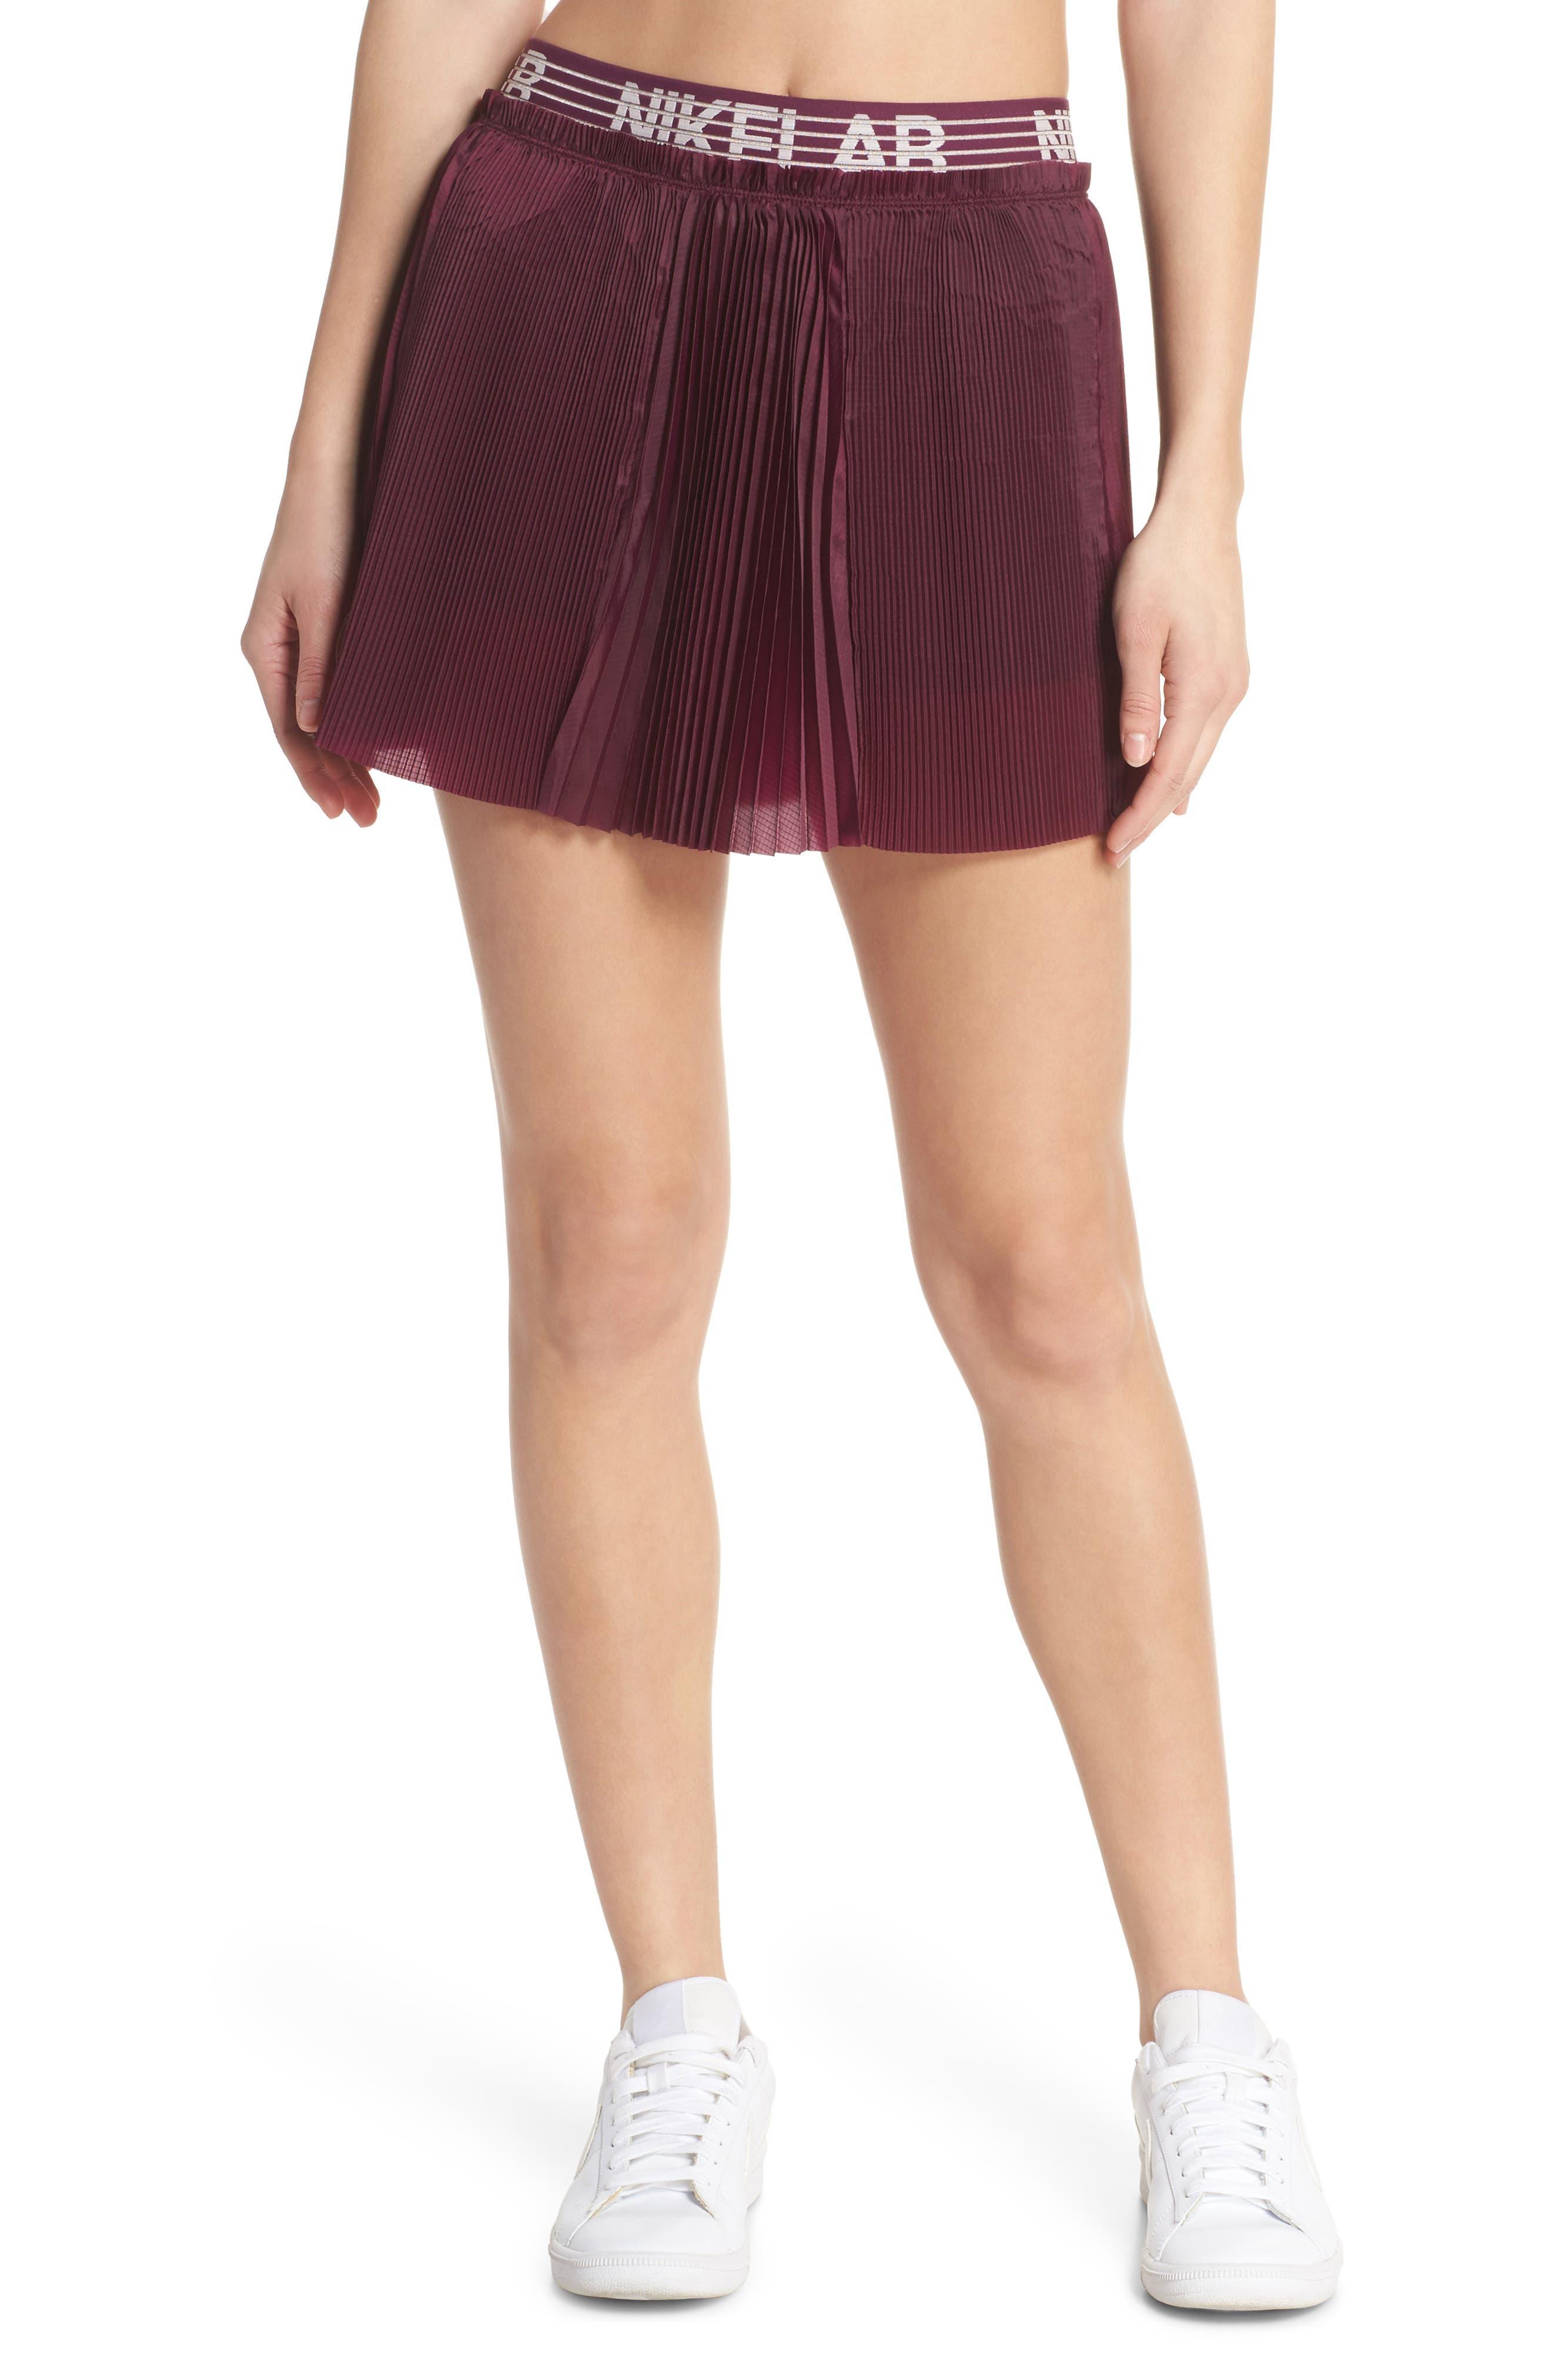 NikeLab Collection Dri-FIT Tennis Skirt,                         Main,                         color, Bordeaux